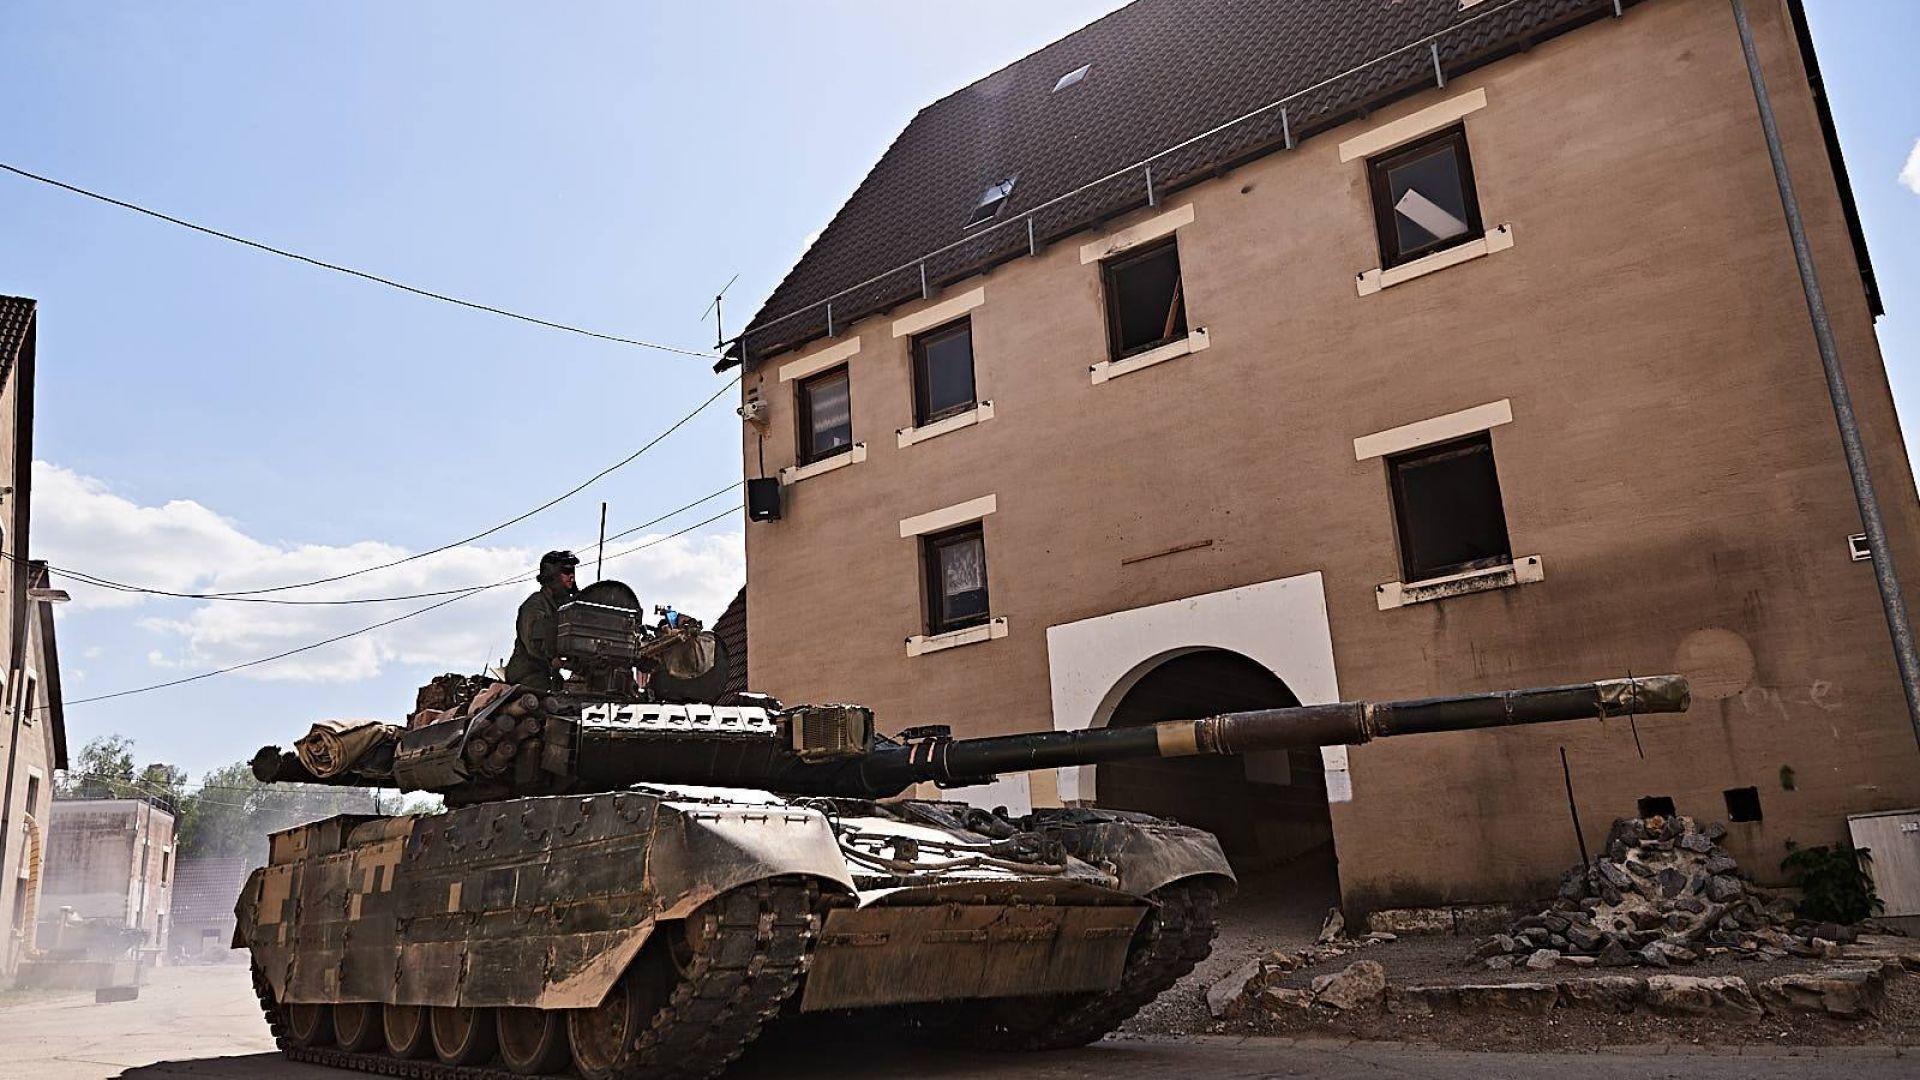 САЩ тества съветски танкове в пустинята на Аризона